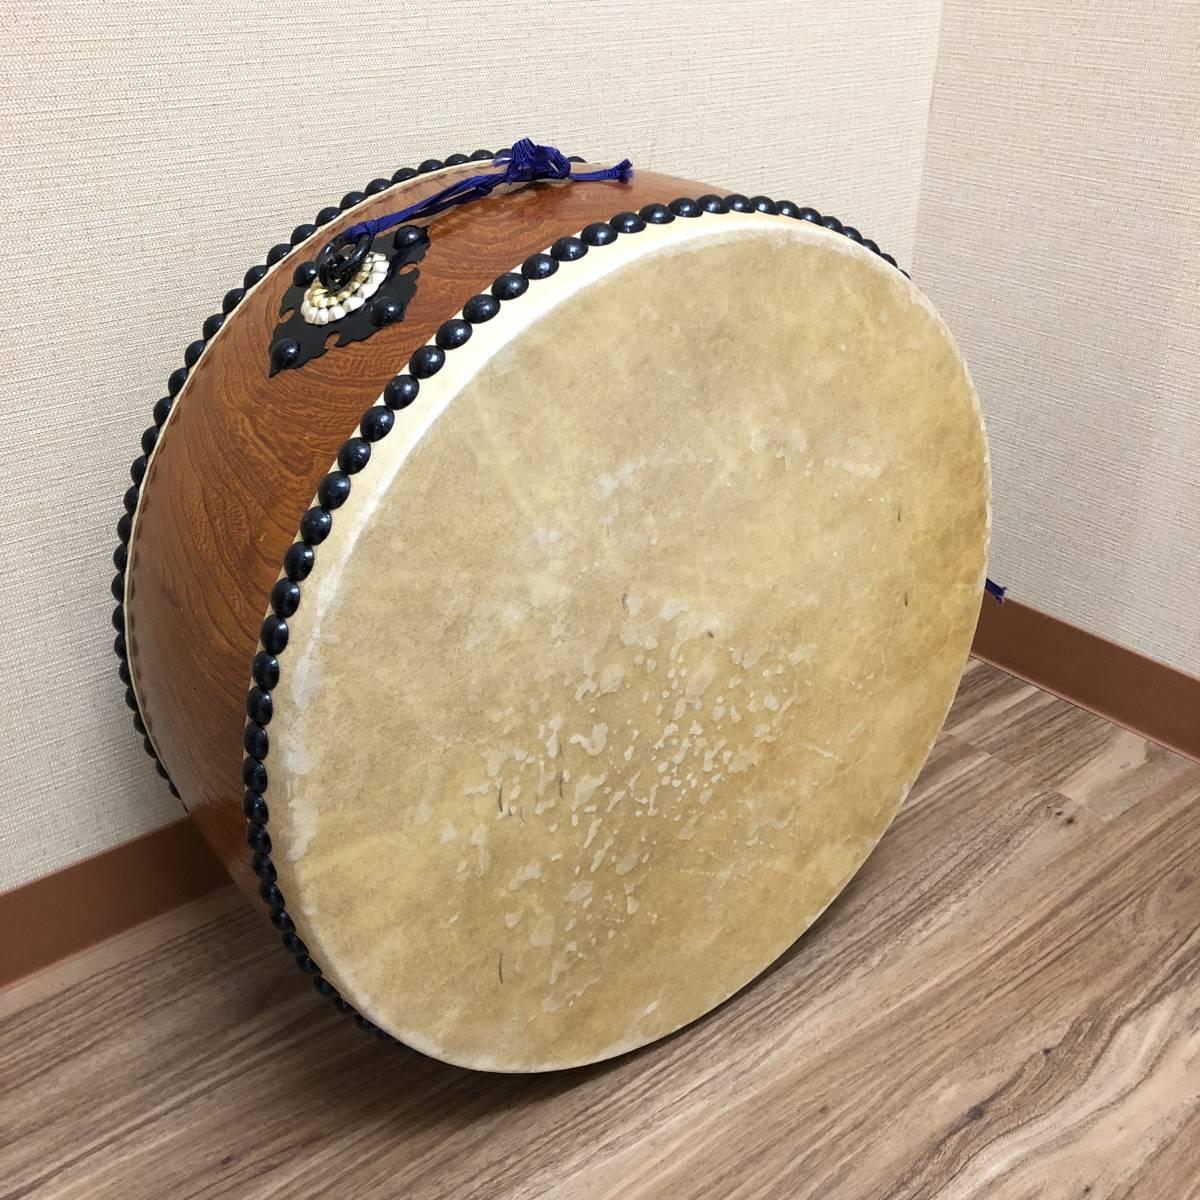 ■和楽器 平太鼓 神輿太鼓 和太鼓 直径40cm ソフトケース バチ付き 祭事_画像1